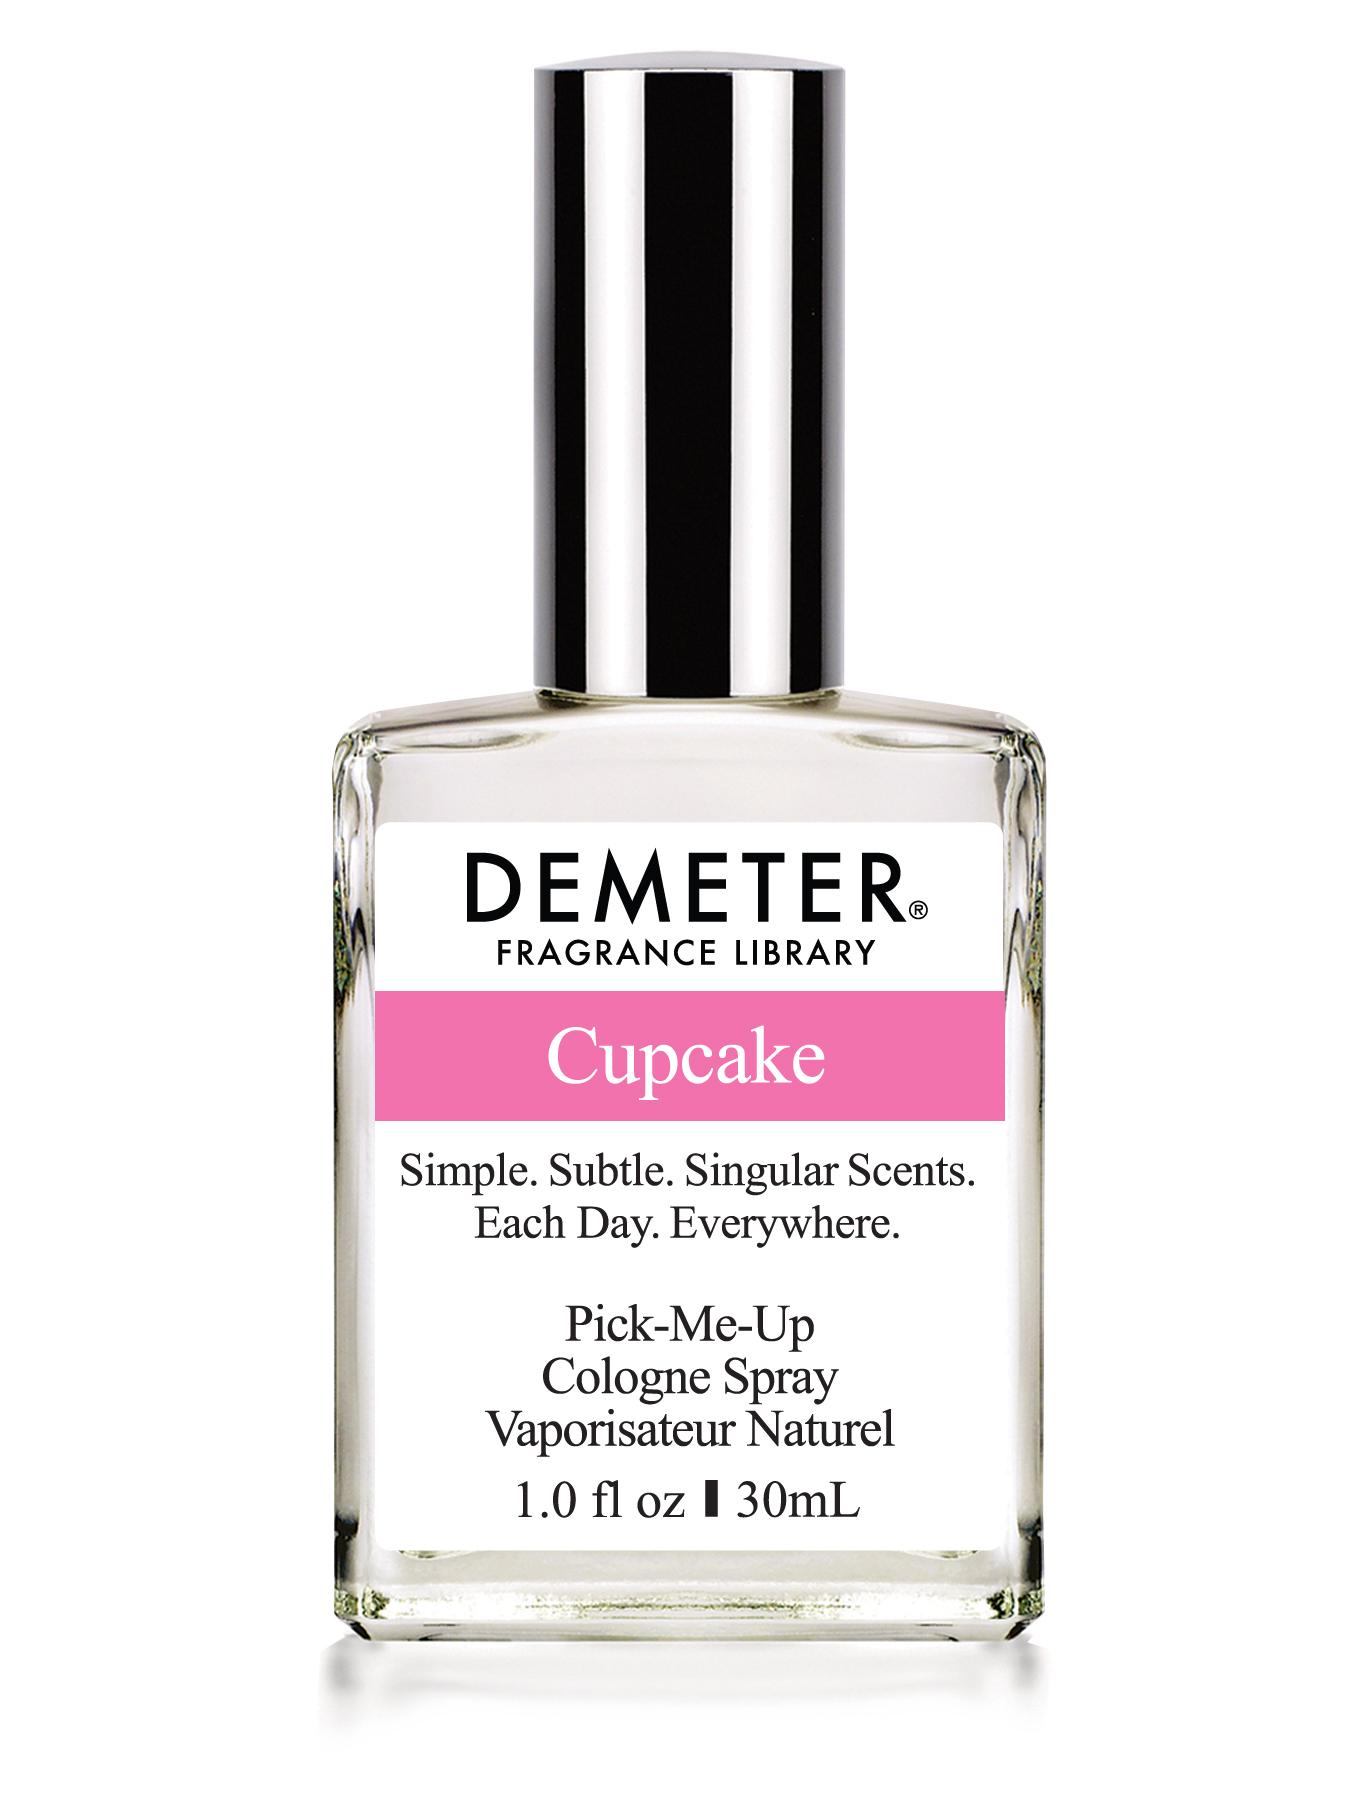 DemeterCupcake 1 oz 2016 NL.jpg